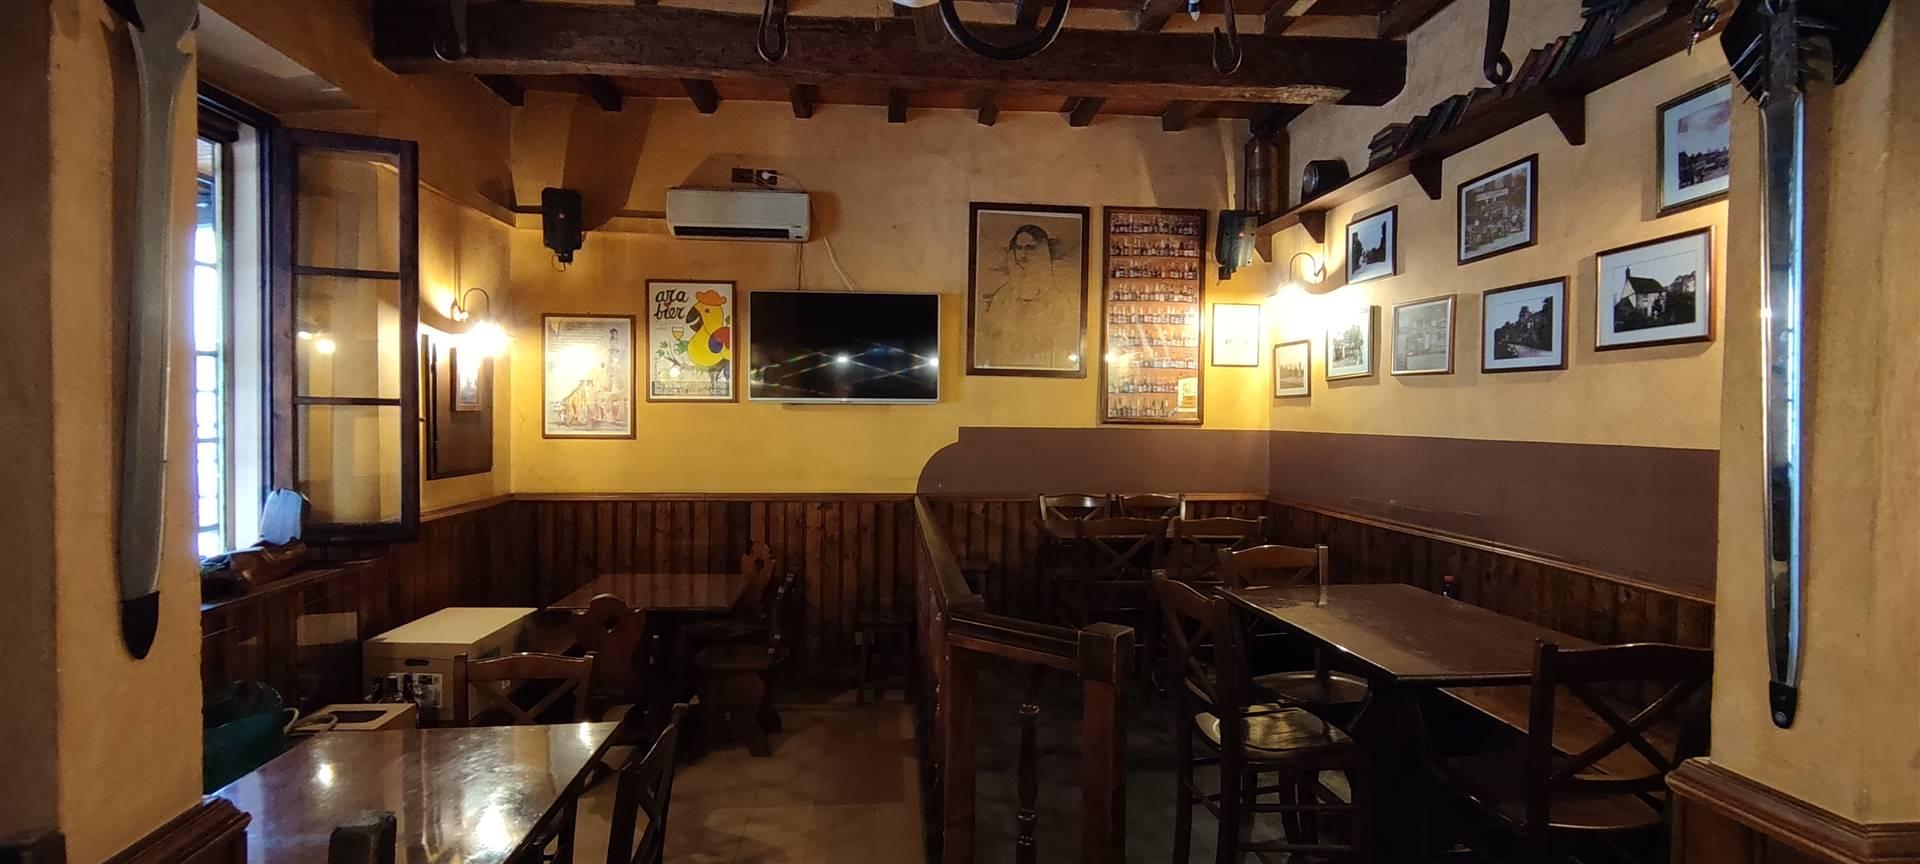 Attività / Licenza in vendita a Borgo San Lorenzo, 7 locali, prezzo € 80.000   CambioCasa.it